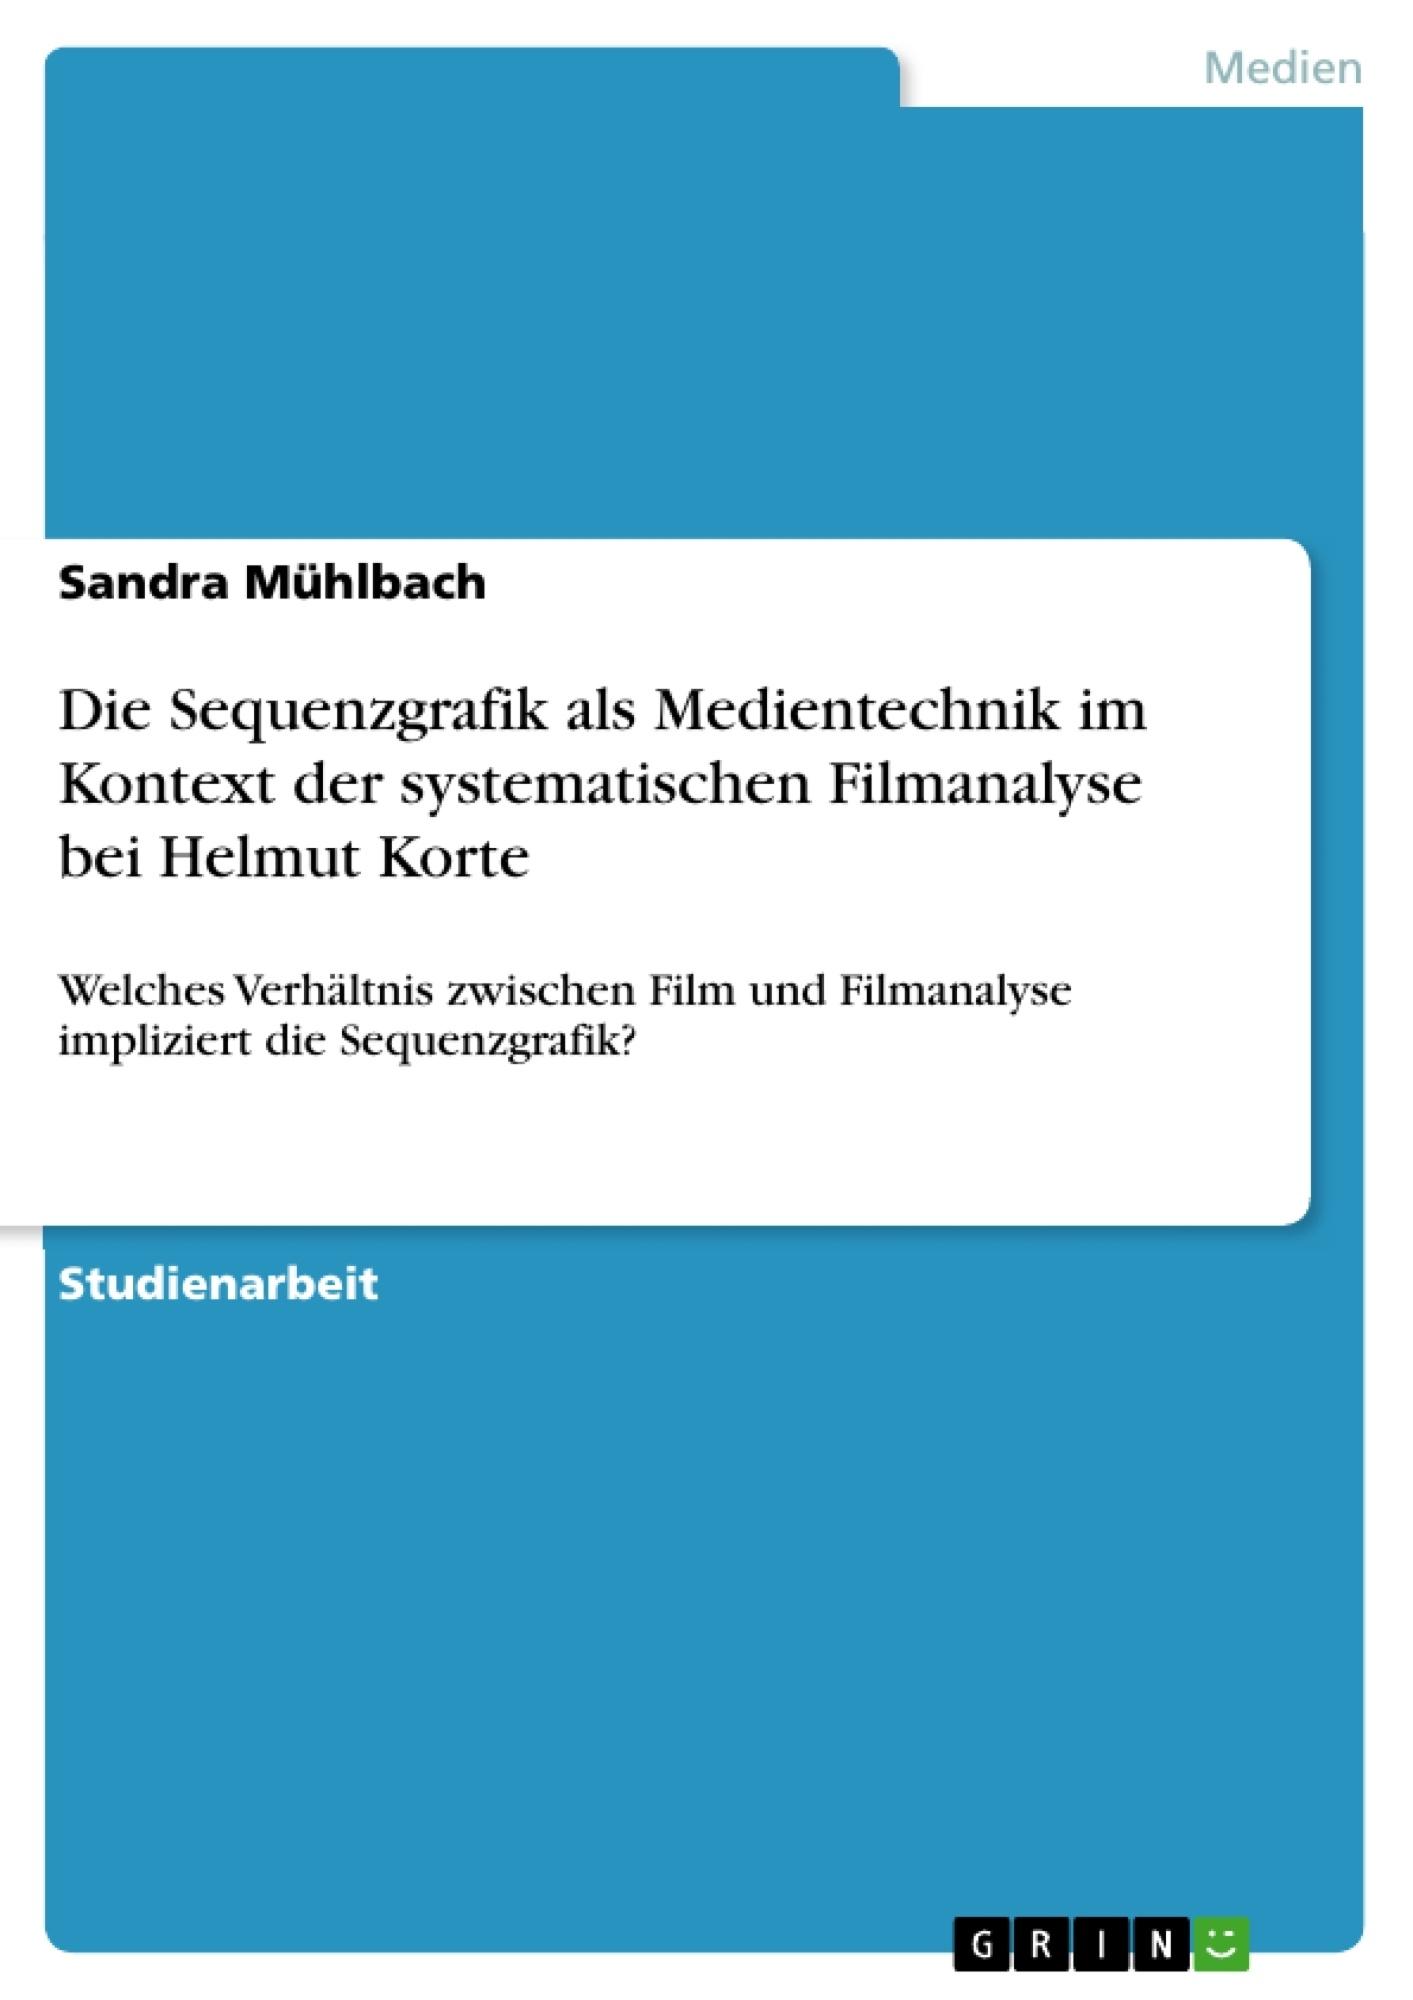 Titel: Die Sequenzgrafik als Medientechnik im Kontext der systematischen Filmanalyse bei Helmut Korte